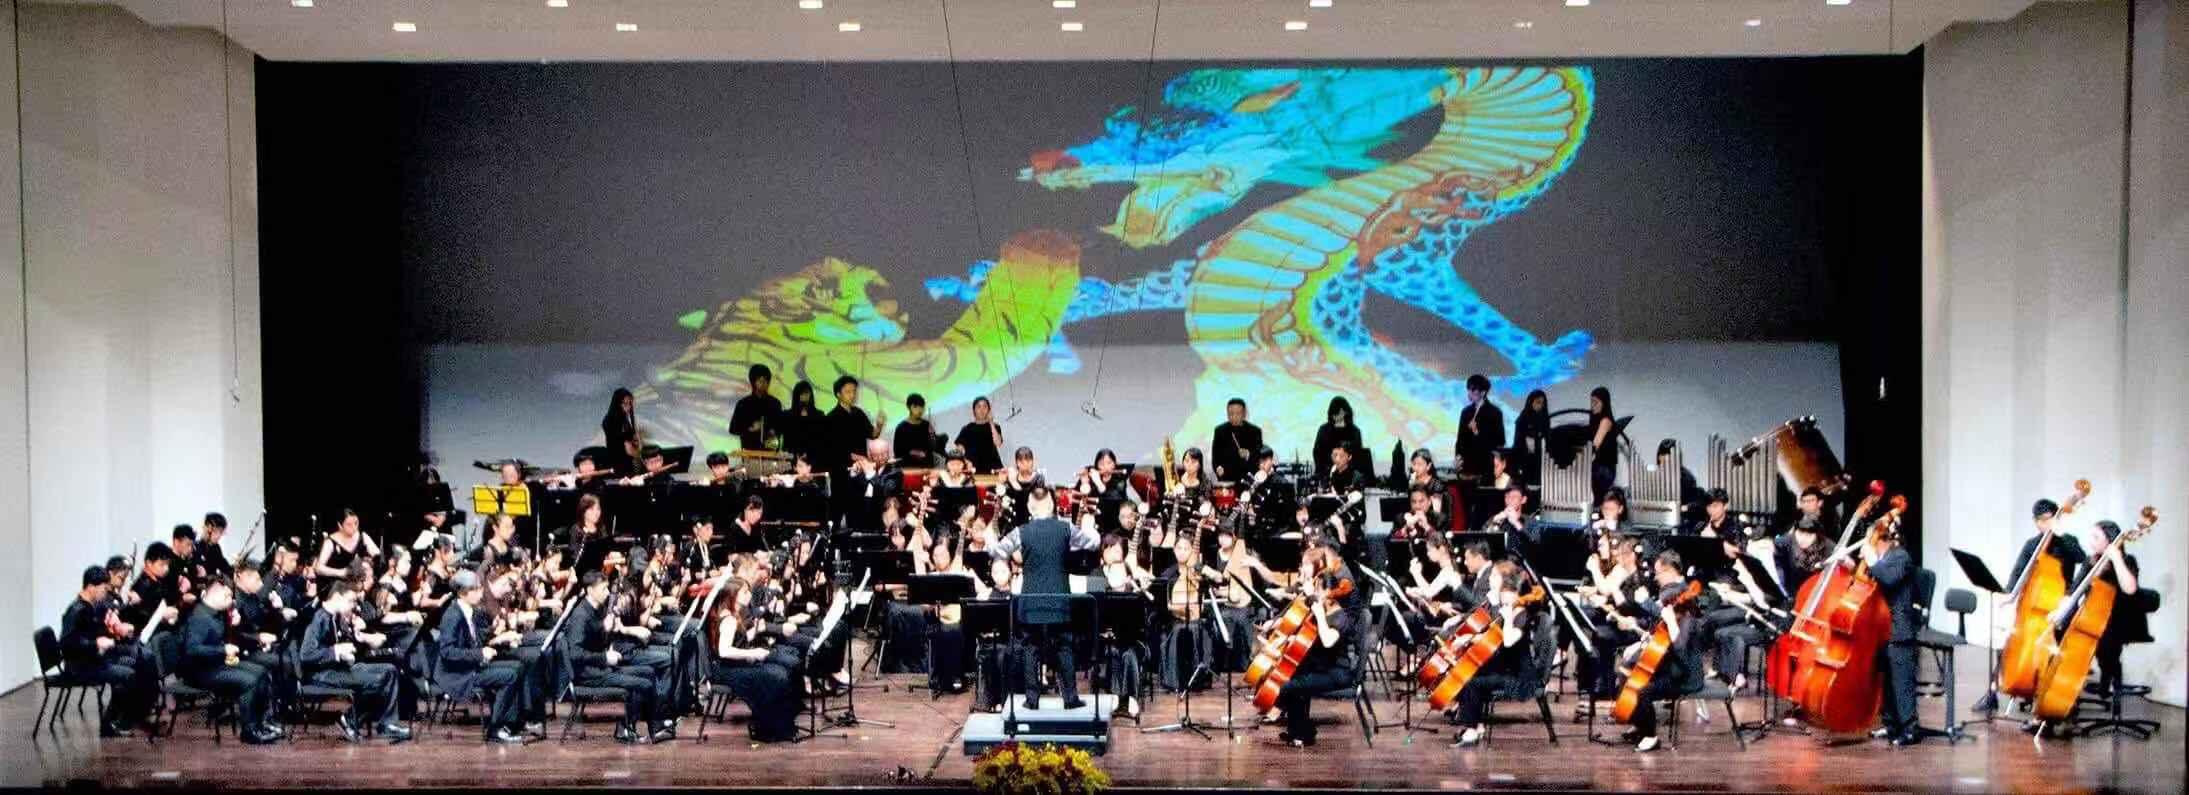 """美国中华国乐团被美国主流媒体誉为:"""" 作为迄今为止在海外的中国民族管弦乐团的美国中华国乐团是海内外业界和媒体眼中的""""具有一定声望的大乐团之一""""和""""连接中国民族音乐和戏曲文化传统与创新的节点""""。"""